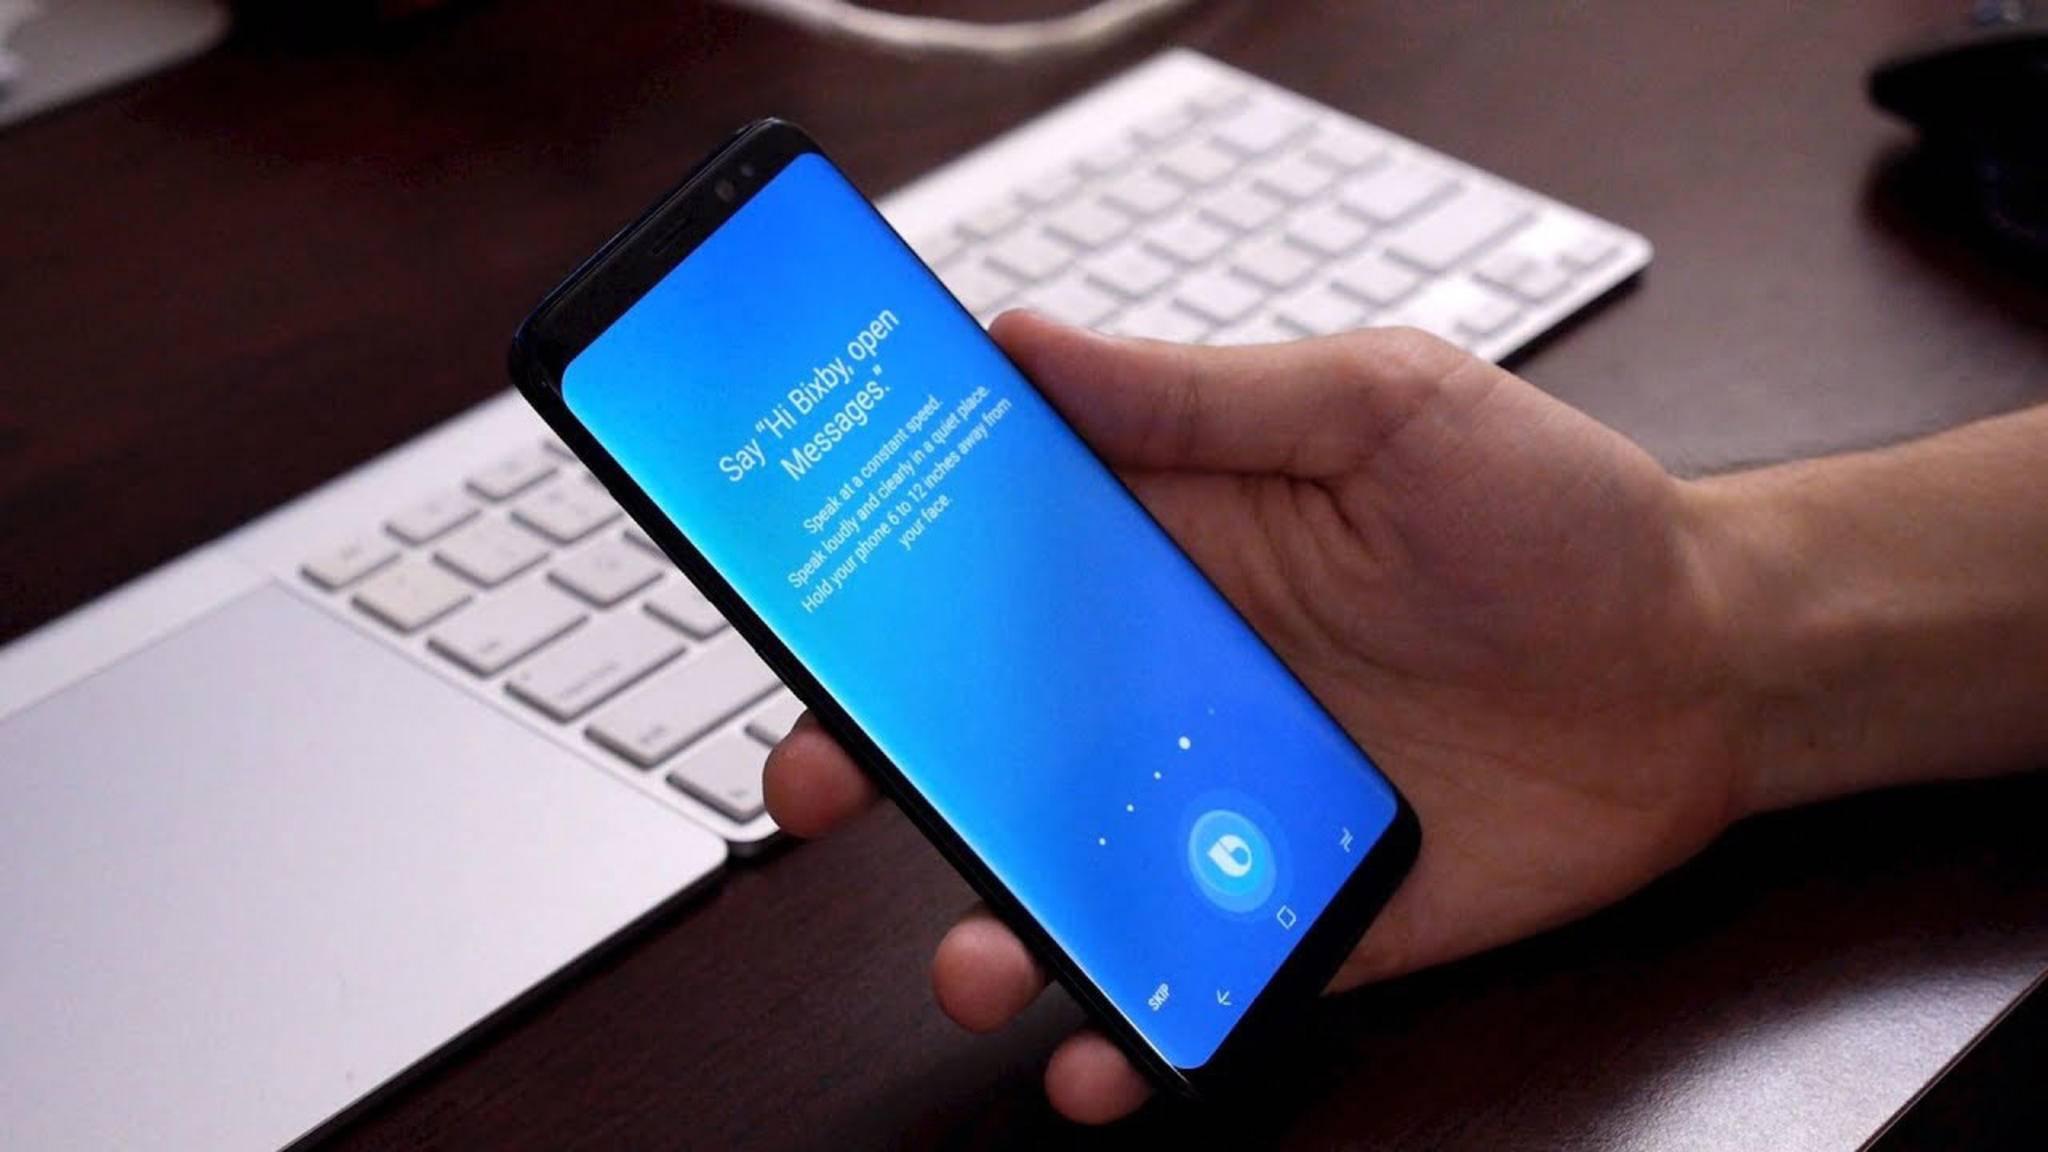 Die Sprachsteuerungs-KI Bixby dürfte kurz vor ihrem Launch stehen.